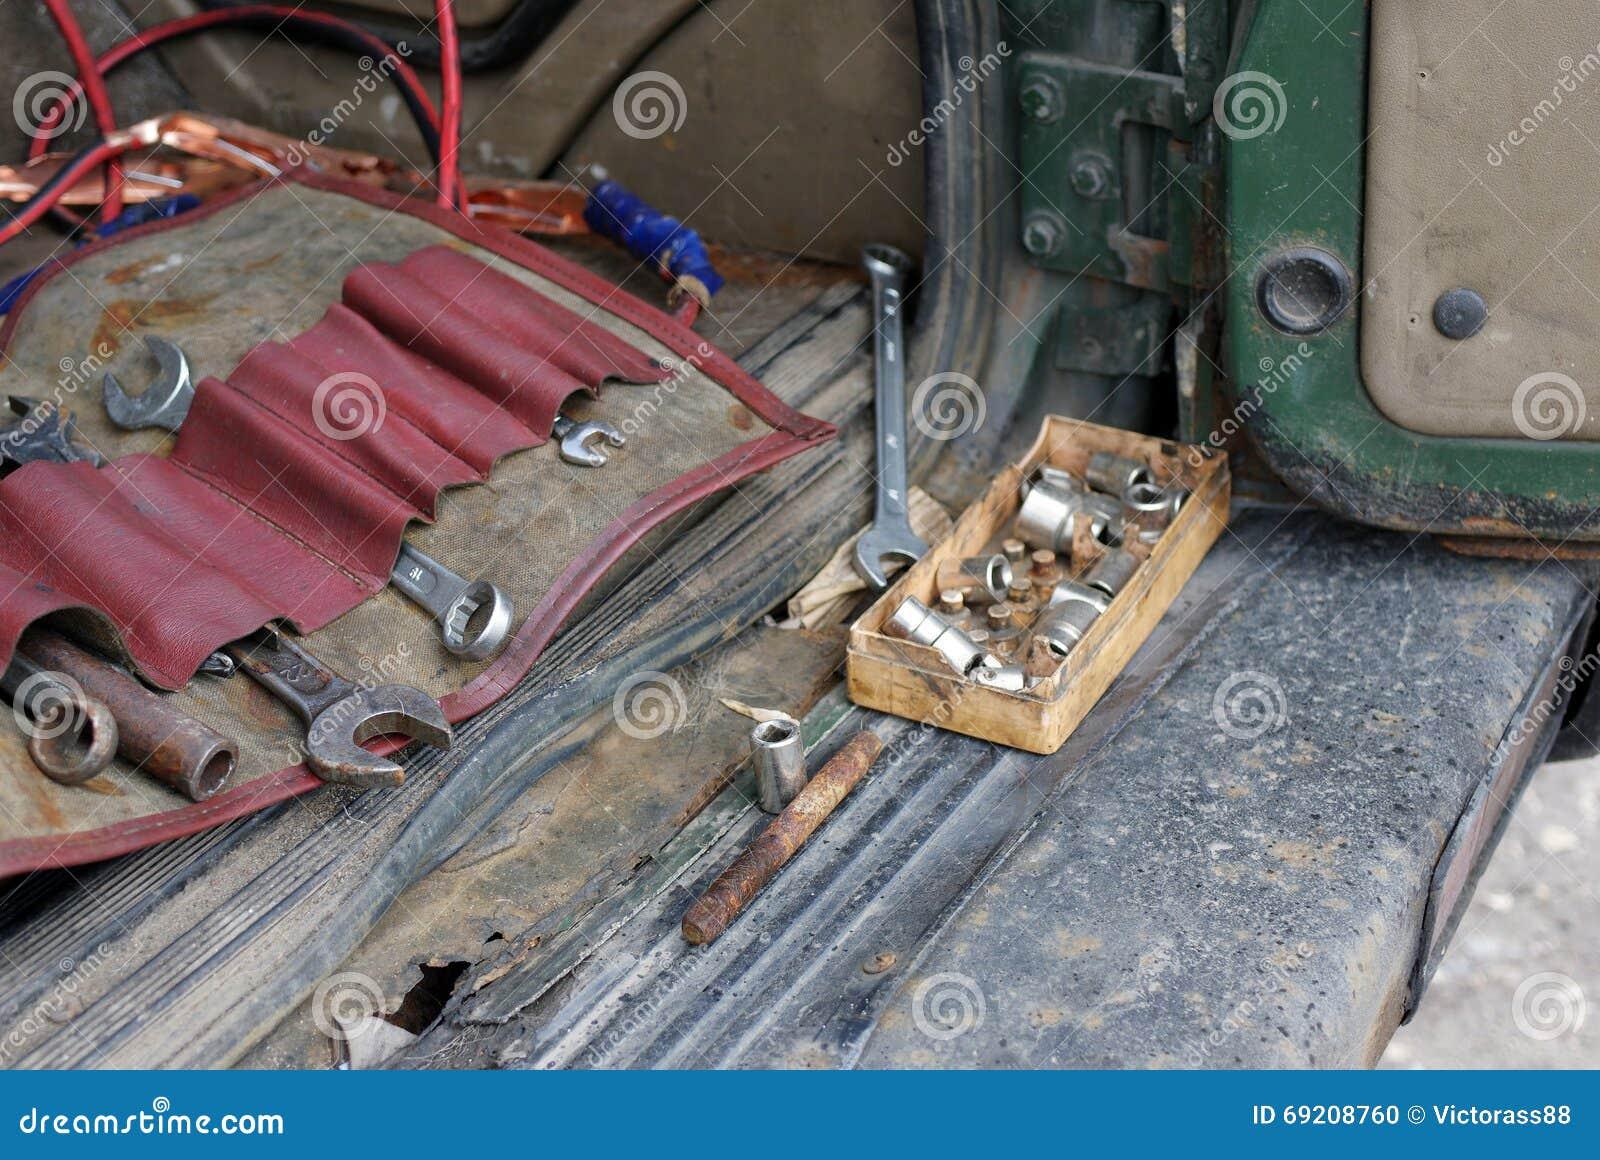 free tool repair boot